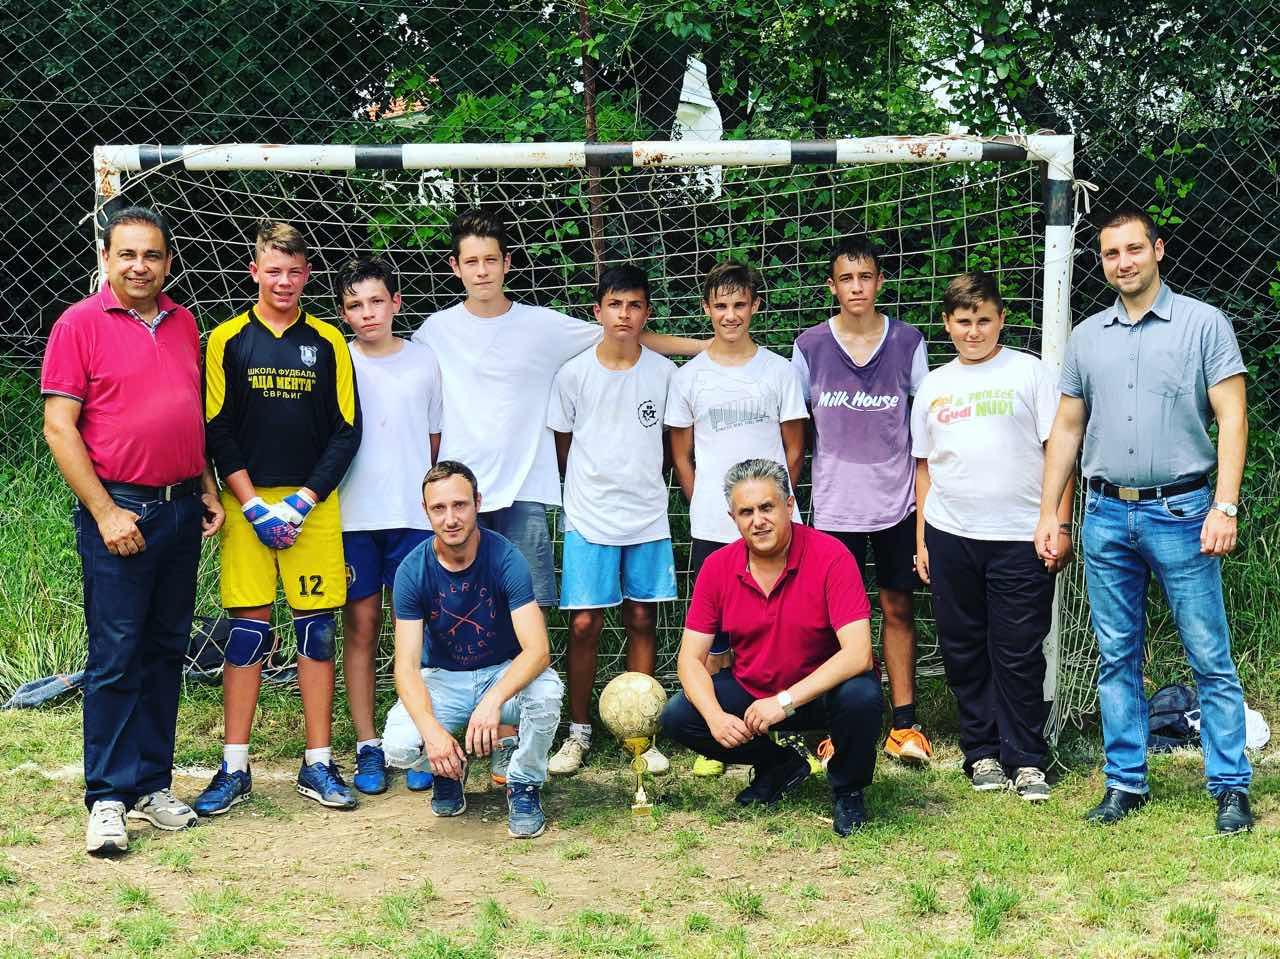 Završen 7. turnir u malom fudbalu u Crnoljevici